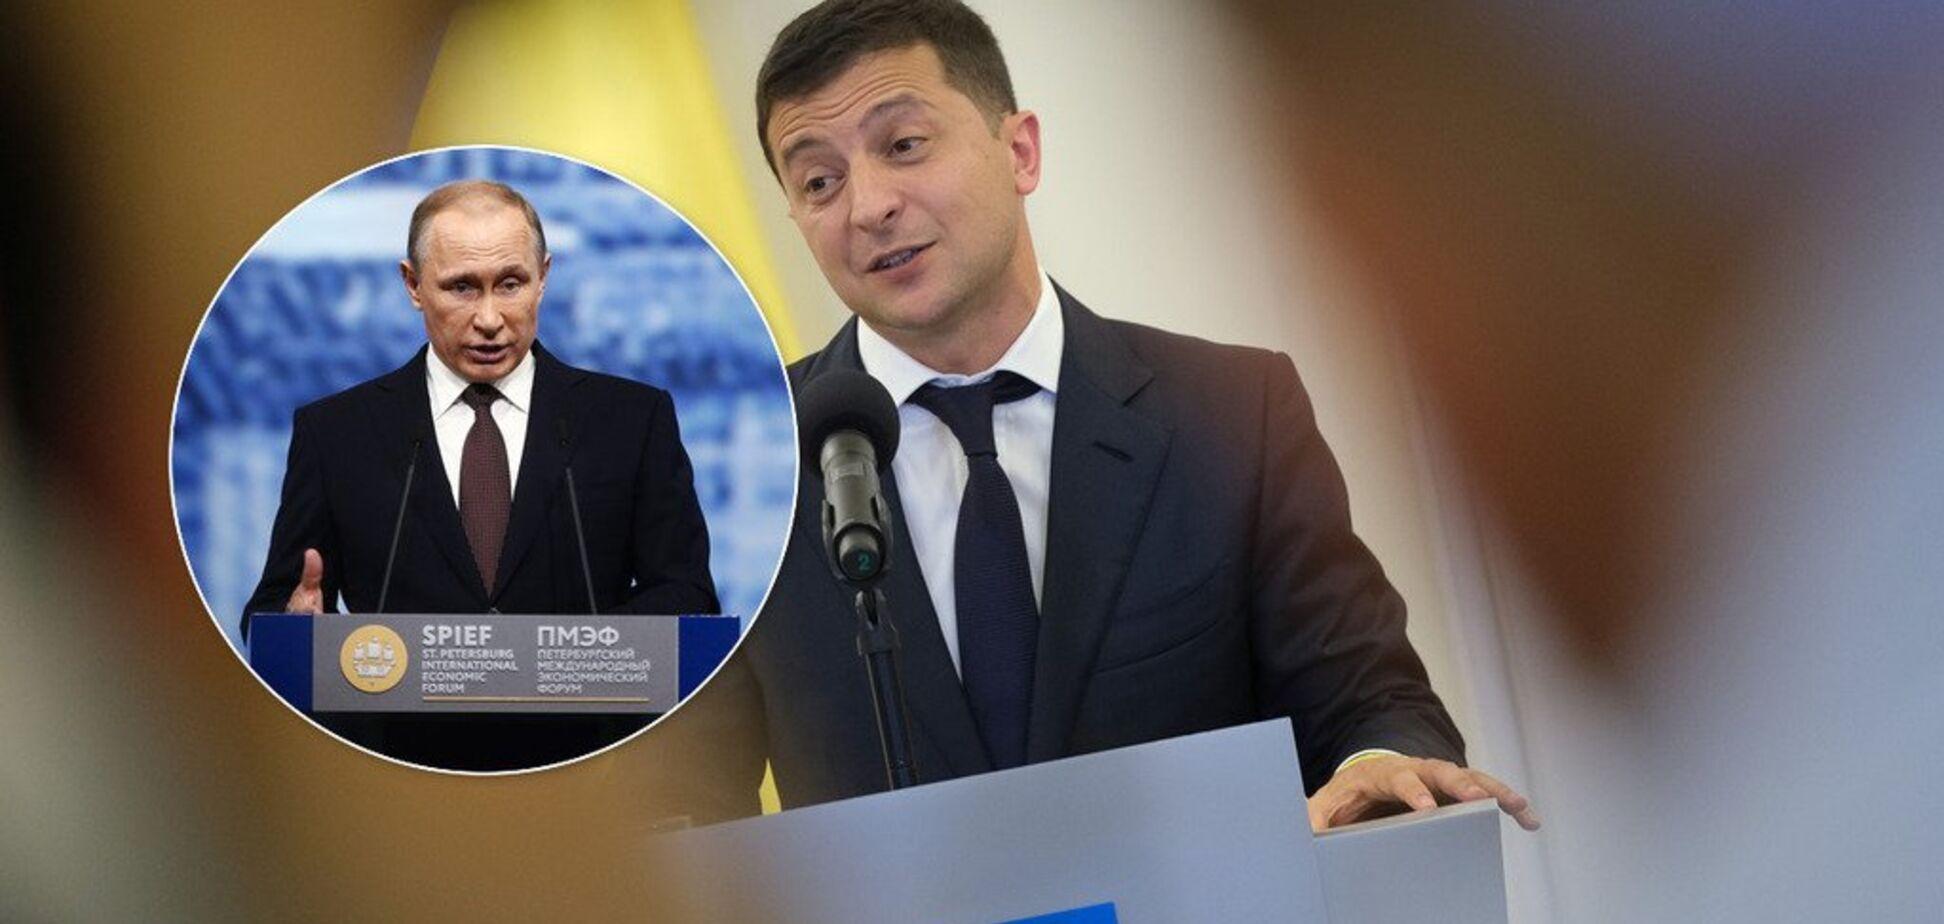 Санкции променяют на Крым? Сможет ли Путин ''сломать'' Зеленского